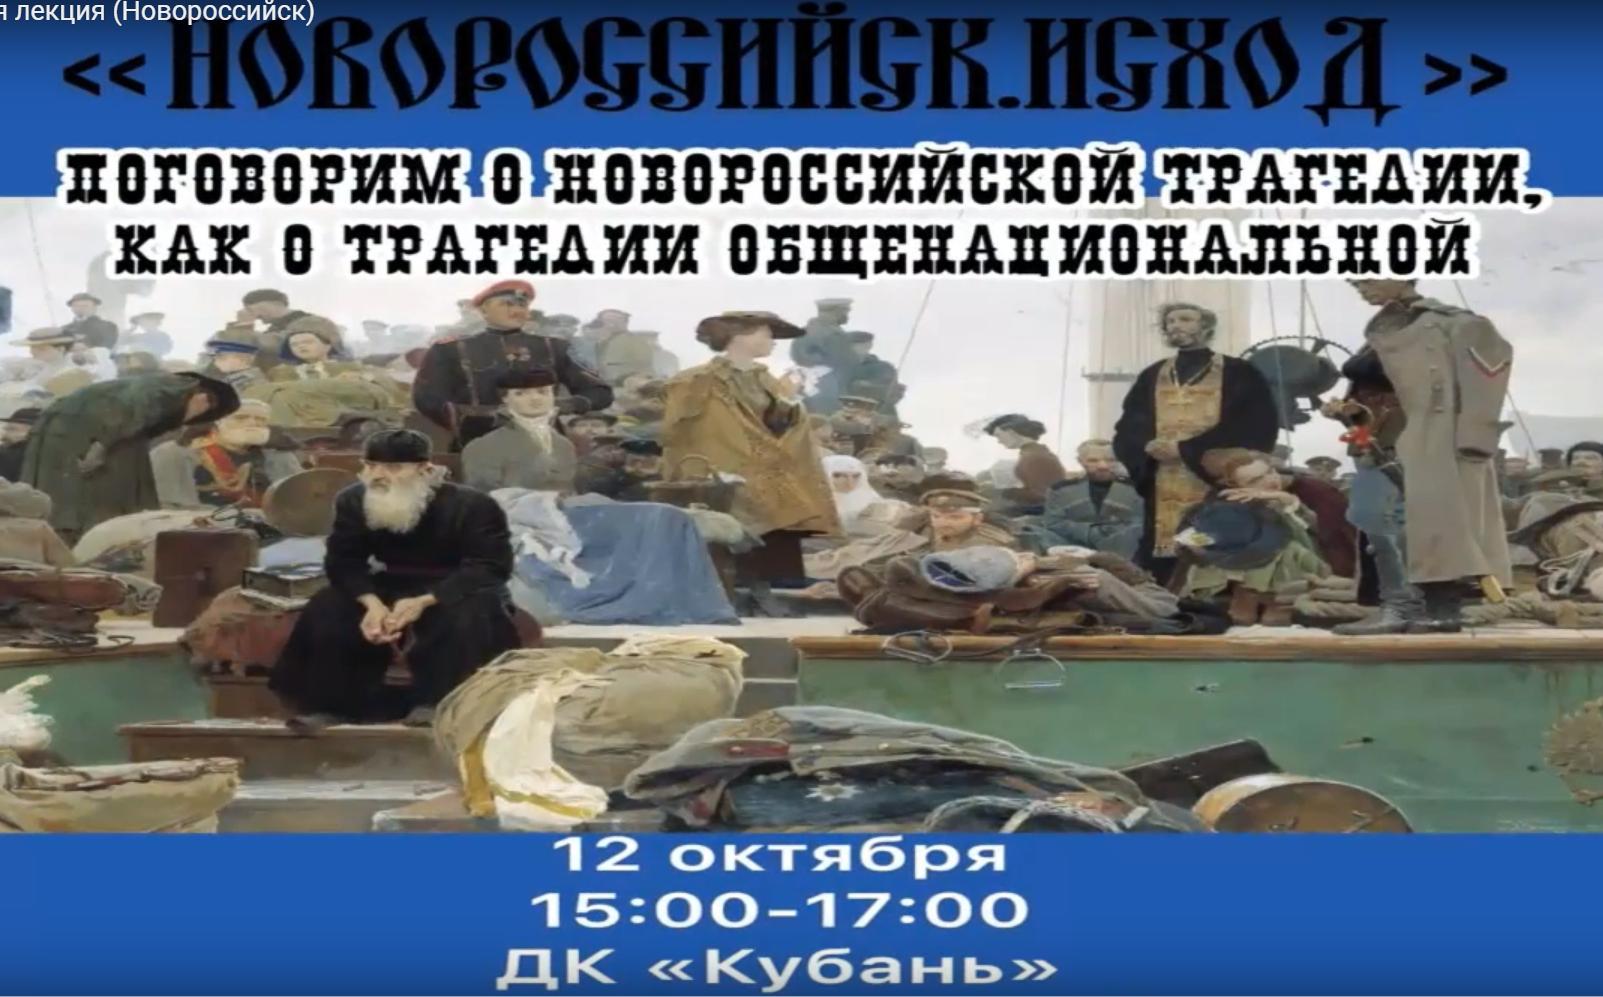 В Новороссийске поговорят о трагедии исхода.